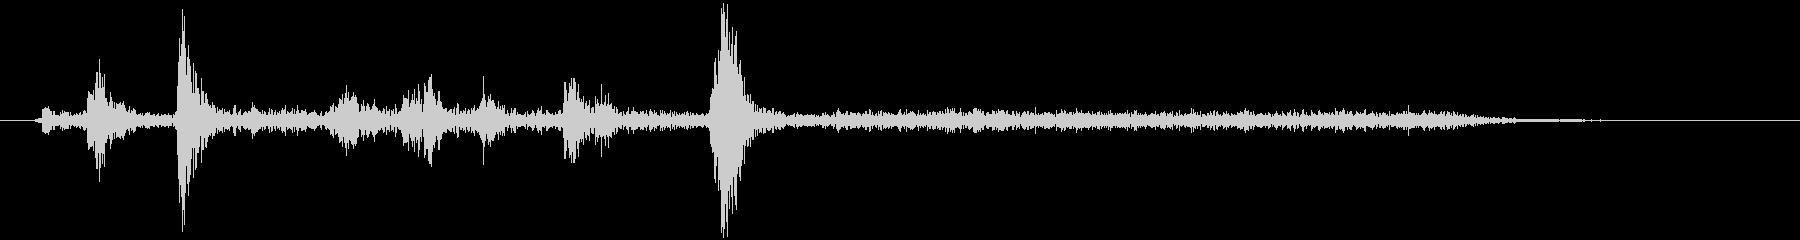 CDドライブ動作音(カシャ+ウィーン)の未再生の波形